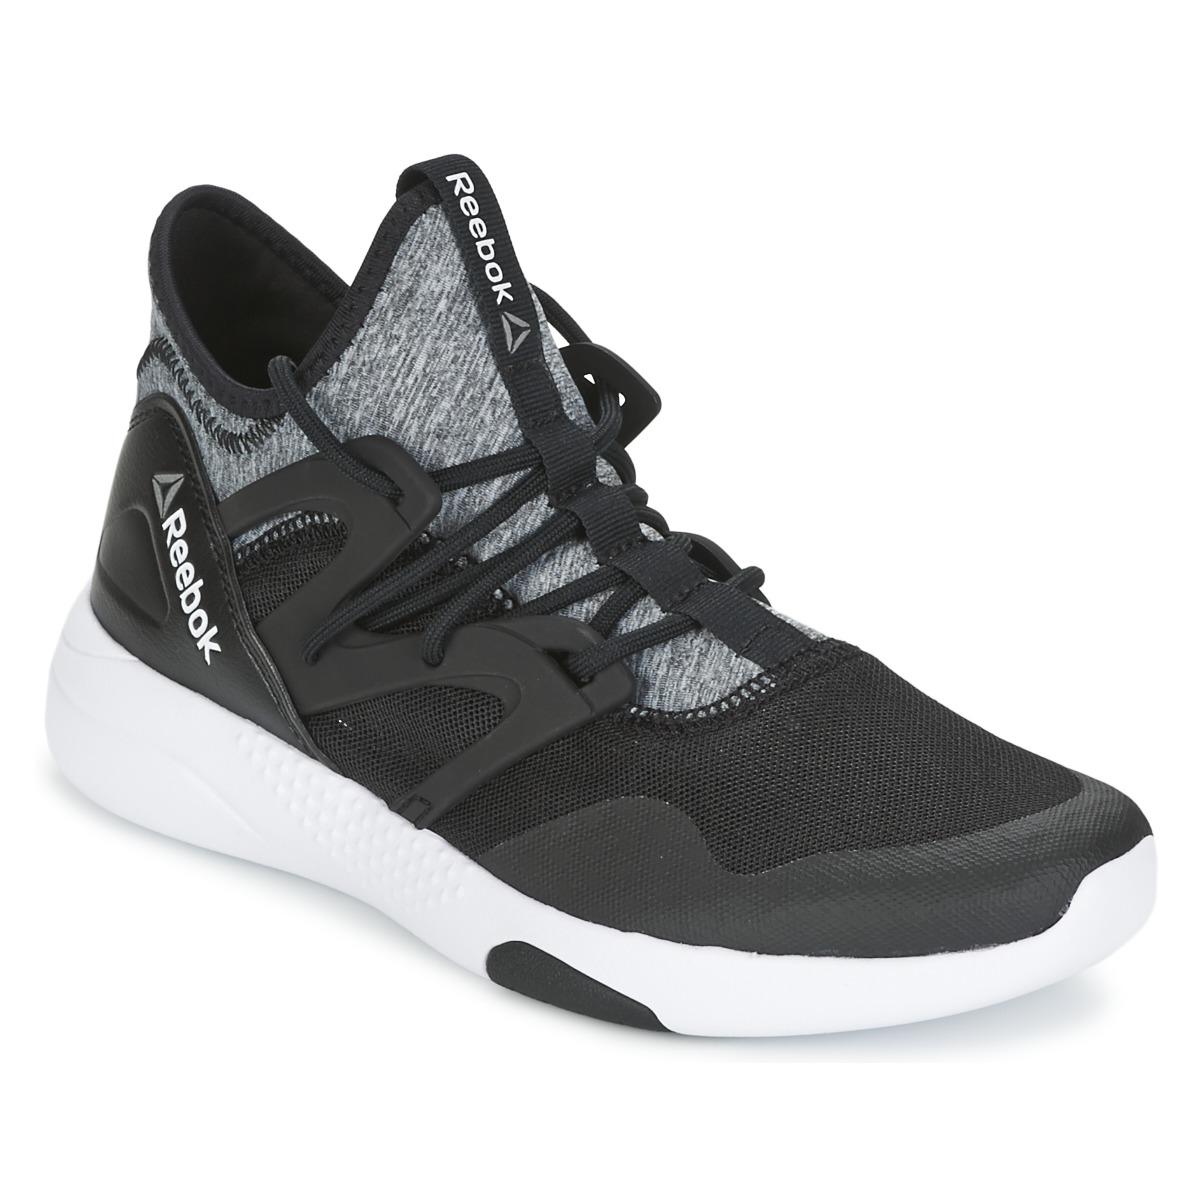 c6e3bb78a1a64 ... Chaussures Femme Fitness   Training Reebok Sport HAYASU DANCE Noir    Gris ...